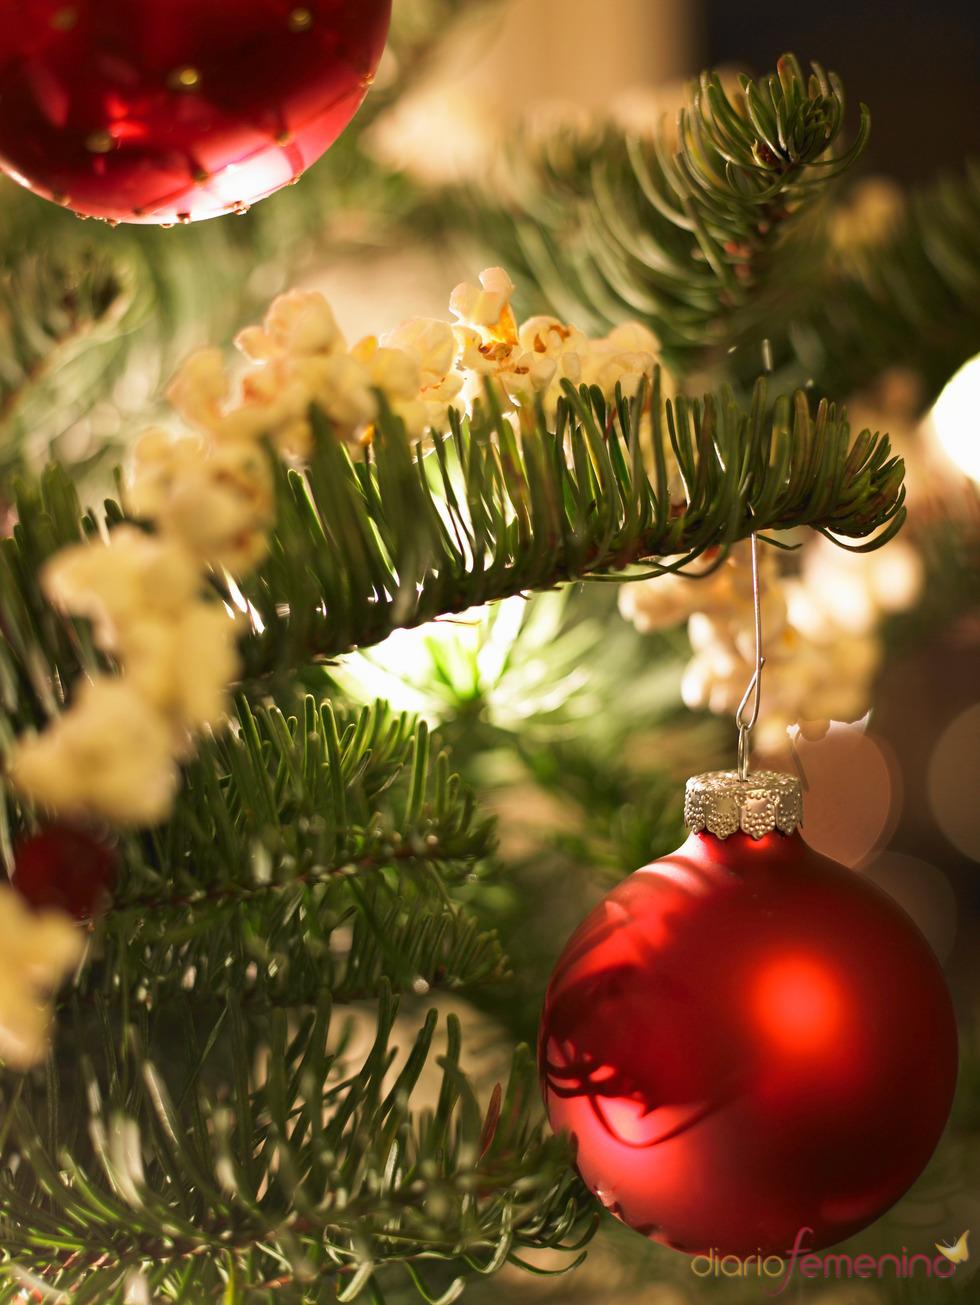 Bolas rojas para decorar el rbol de navidad - Bolas transparentes para decorar ...